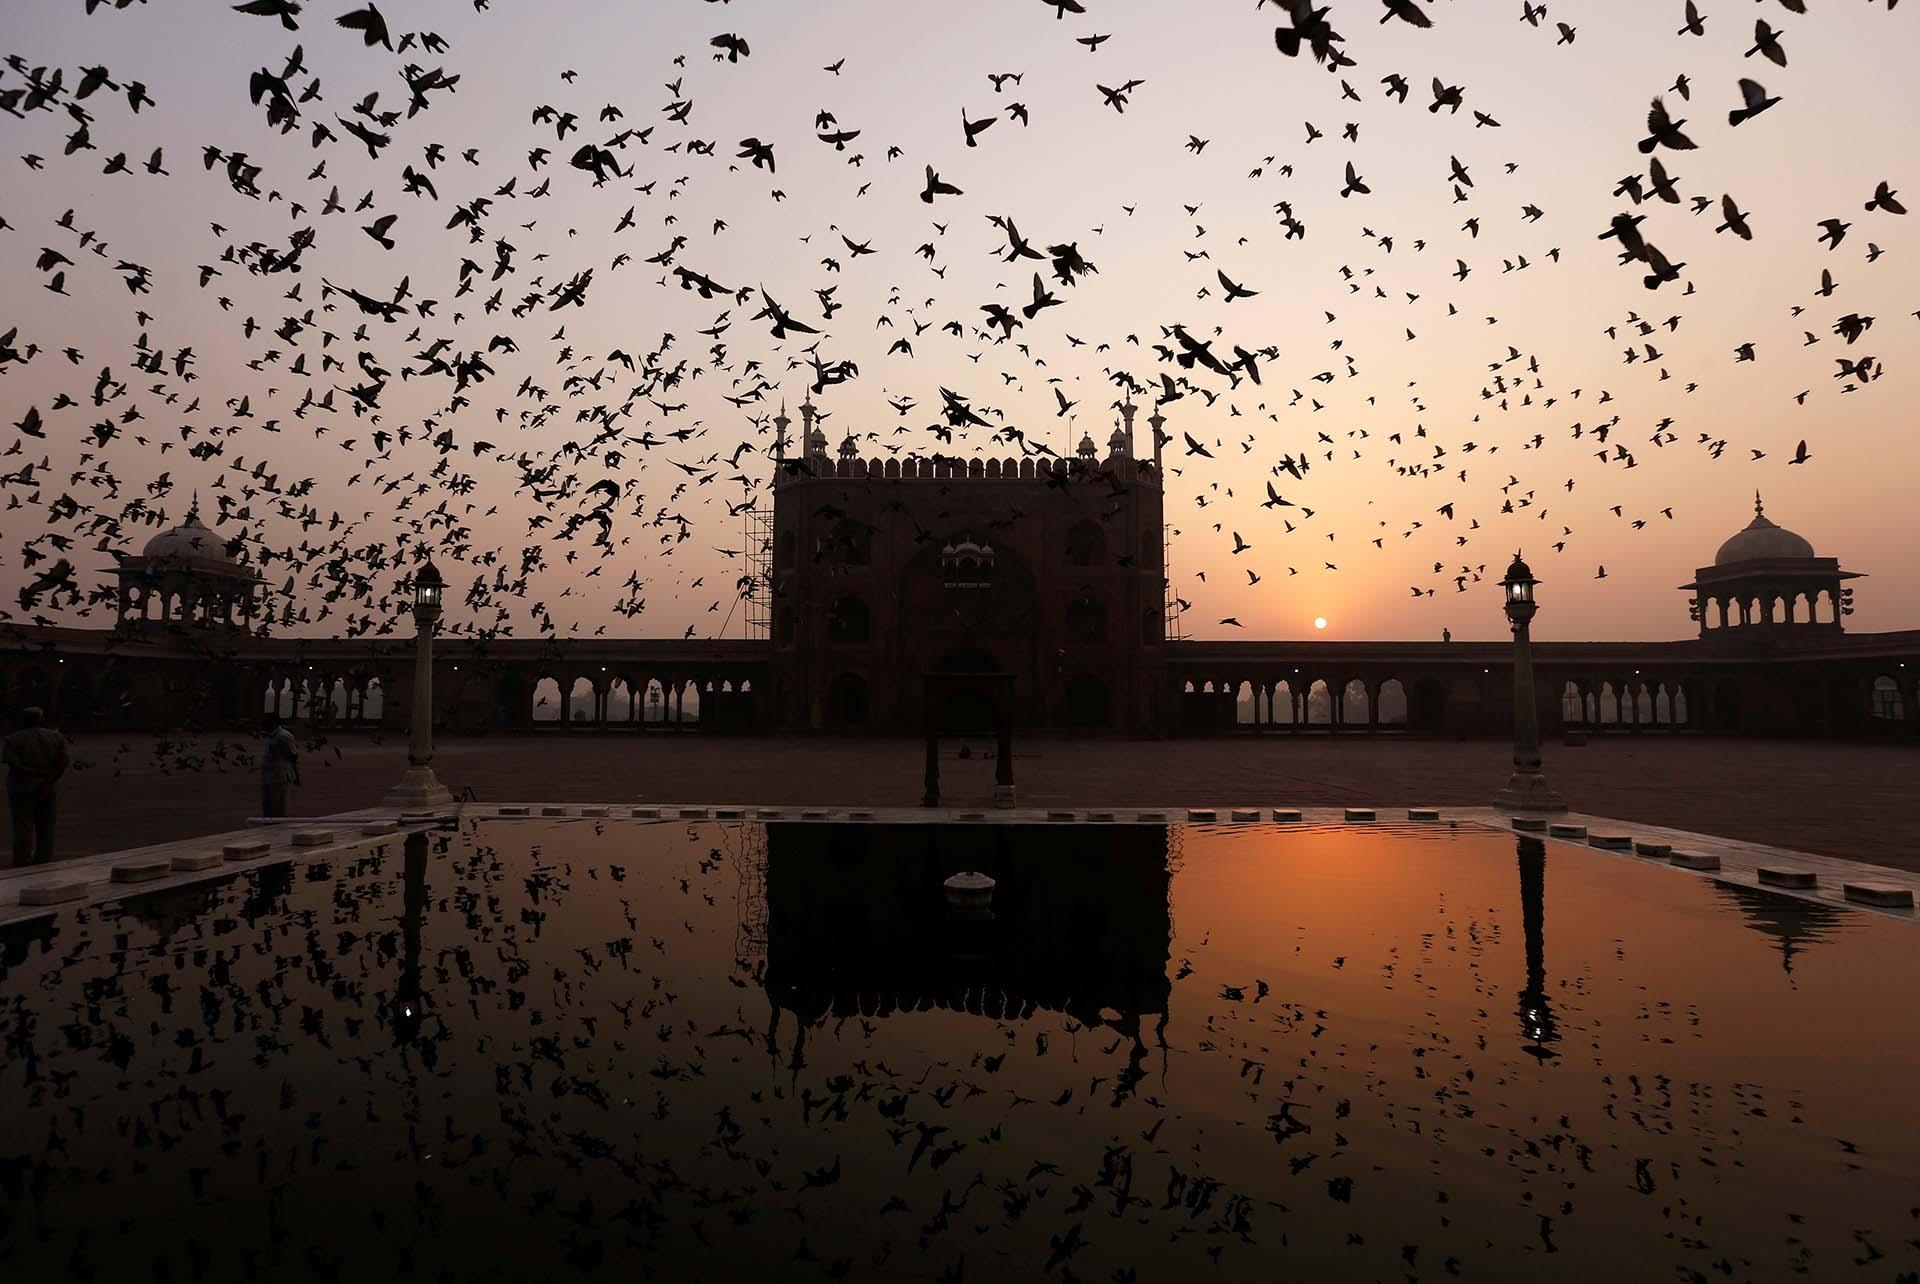 Pájaros vuelan sobre el Jama Masjid en la salida del sol en Nueva Deli